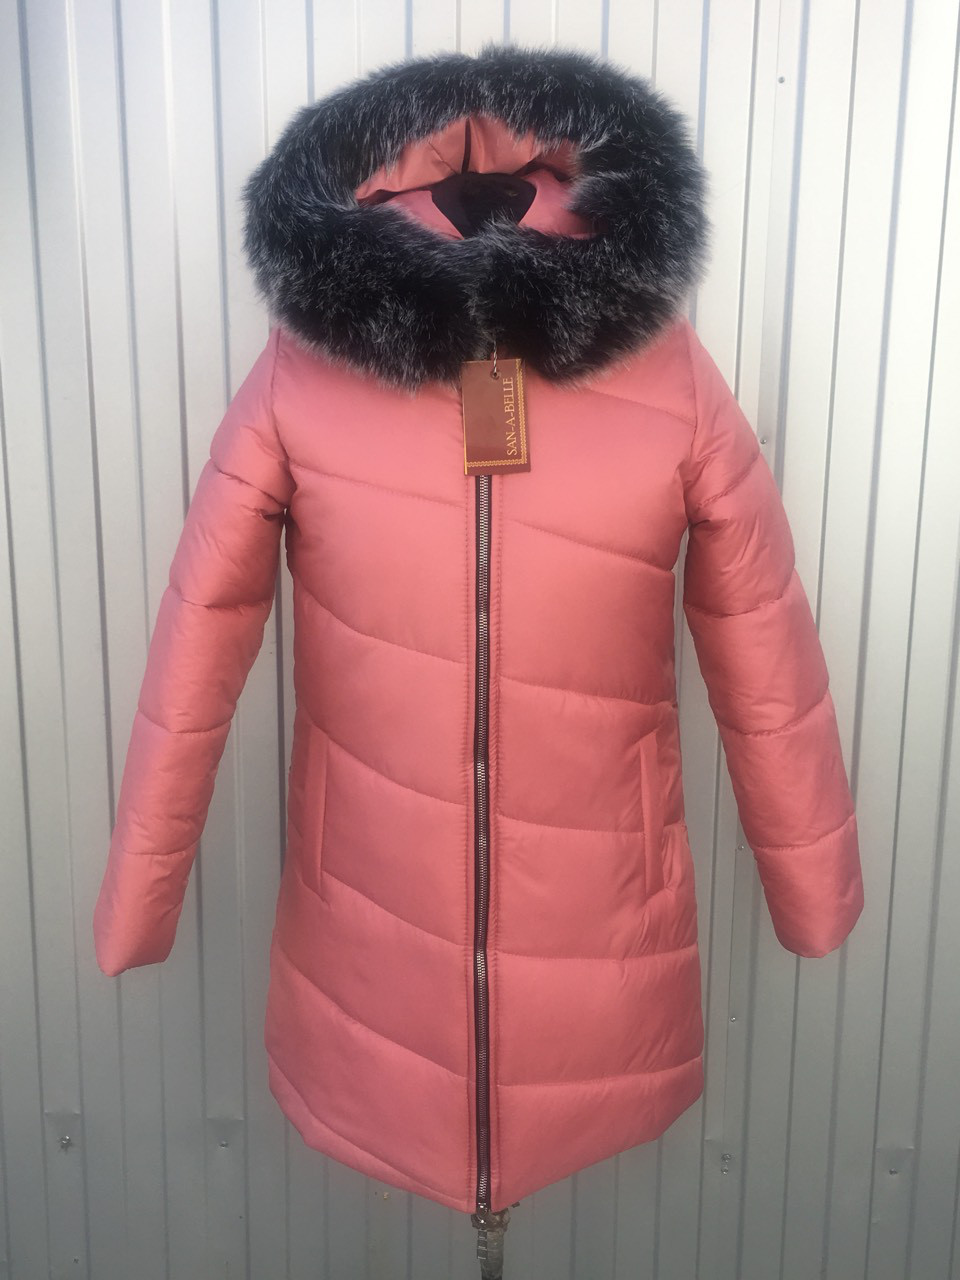 Куртка женская зимняя модель Полоска, размеры от 40 до 50